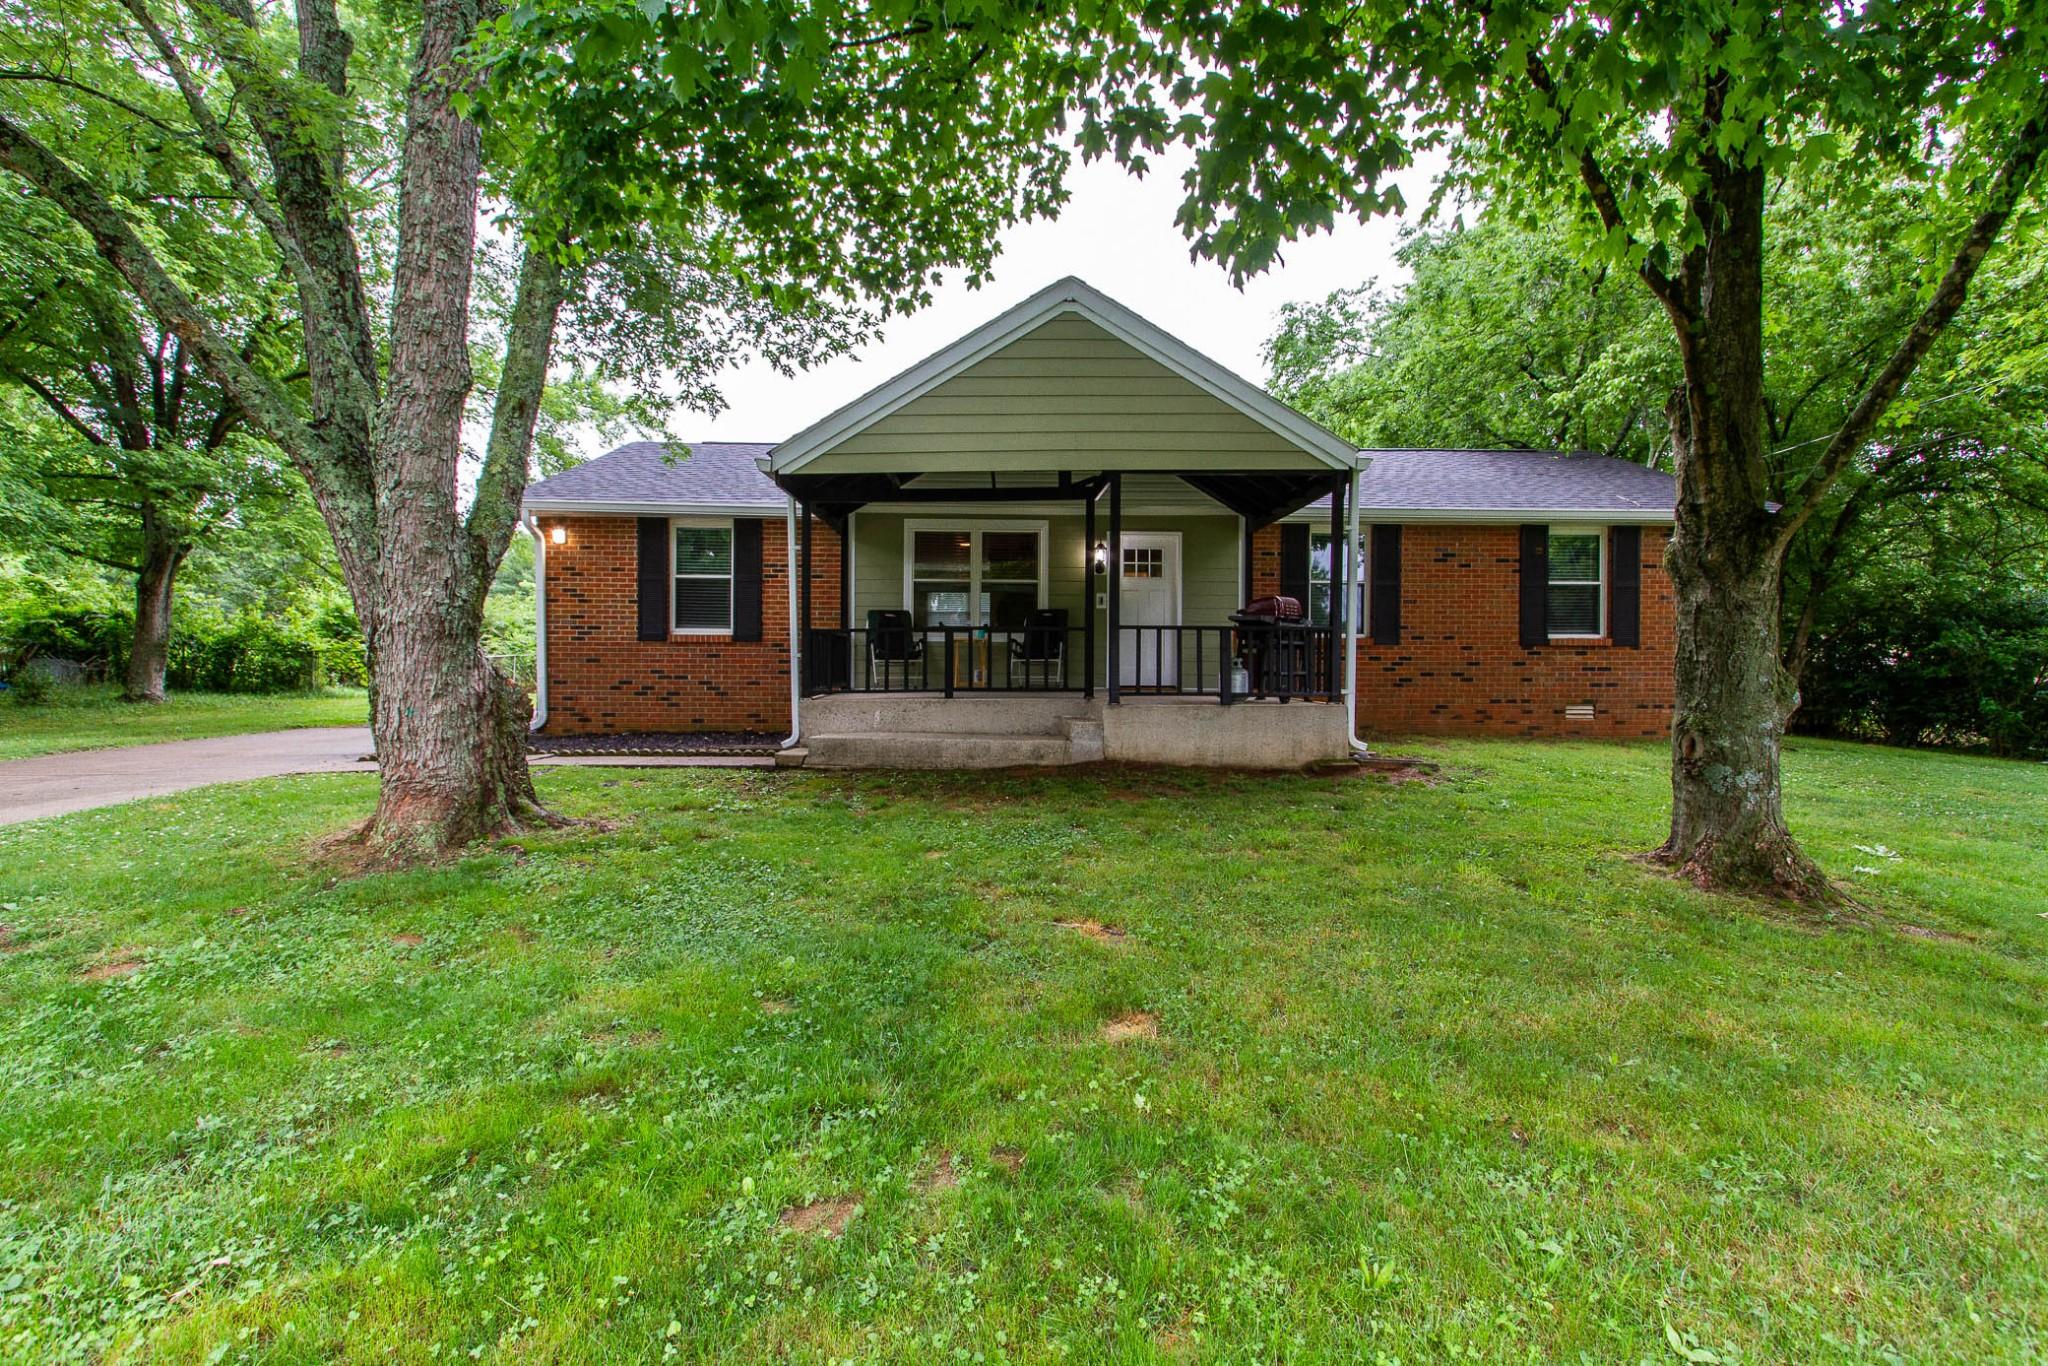 6042 Sedgeridge Ave Property Photo 1